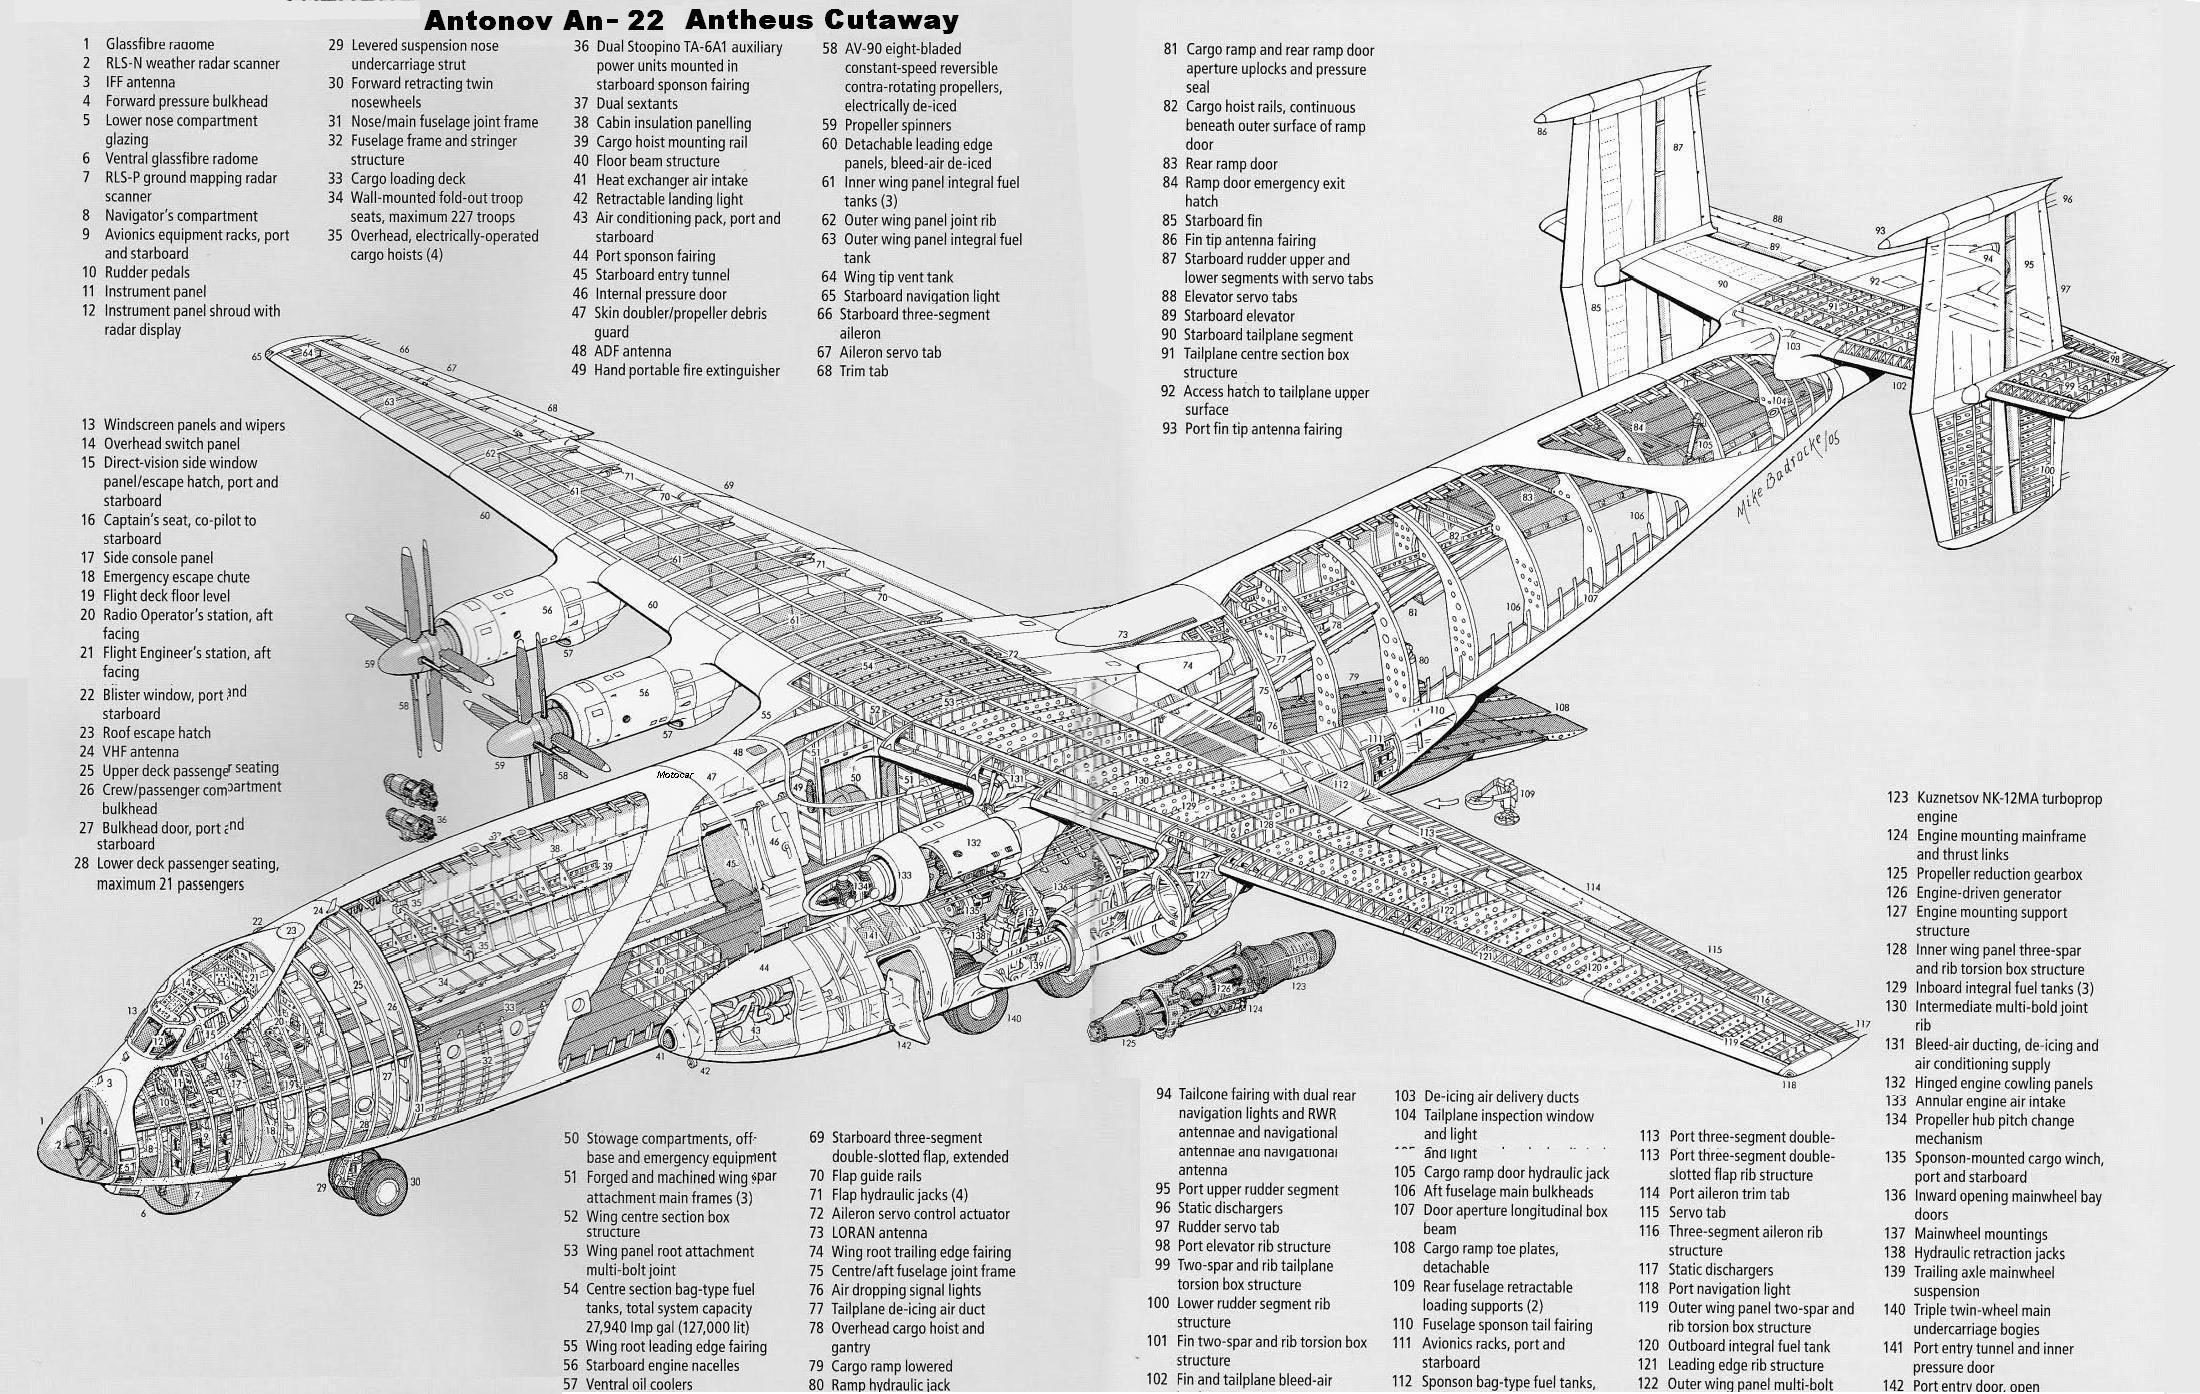 Cutaways Cutaway Aircraft Design Aircraft